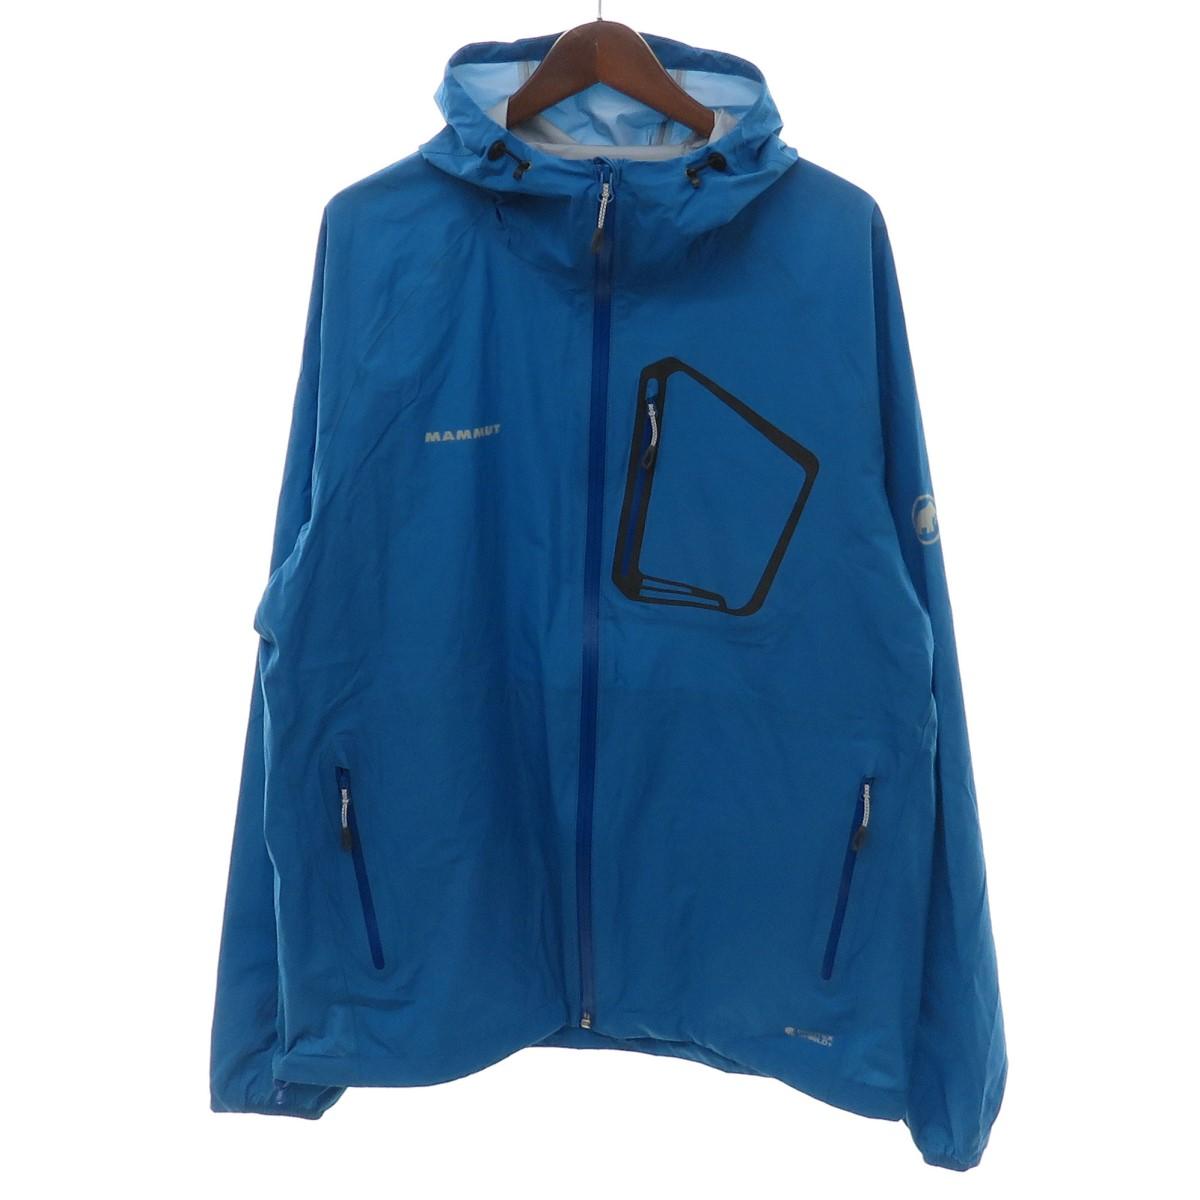 【中古】MAMMUT エアロスピード ジャケット マウンテンパーカー 1010-25310 ブルー サイズ:JP:2XL 【190420】(マムート)